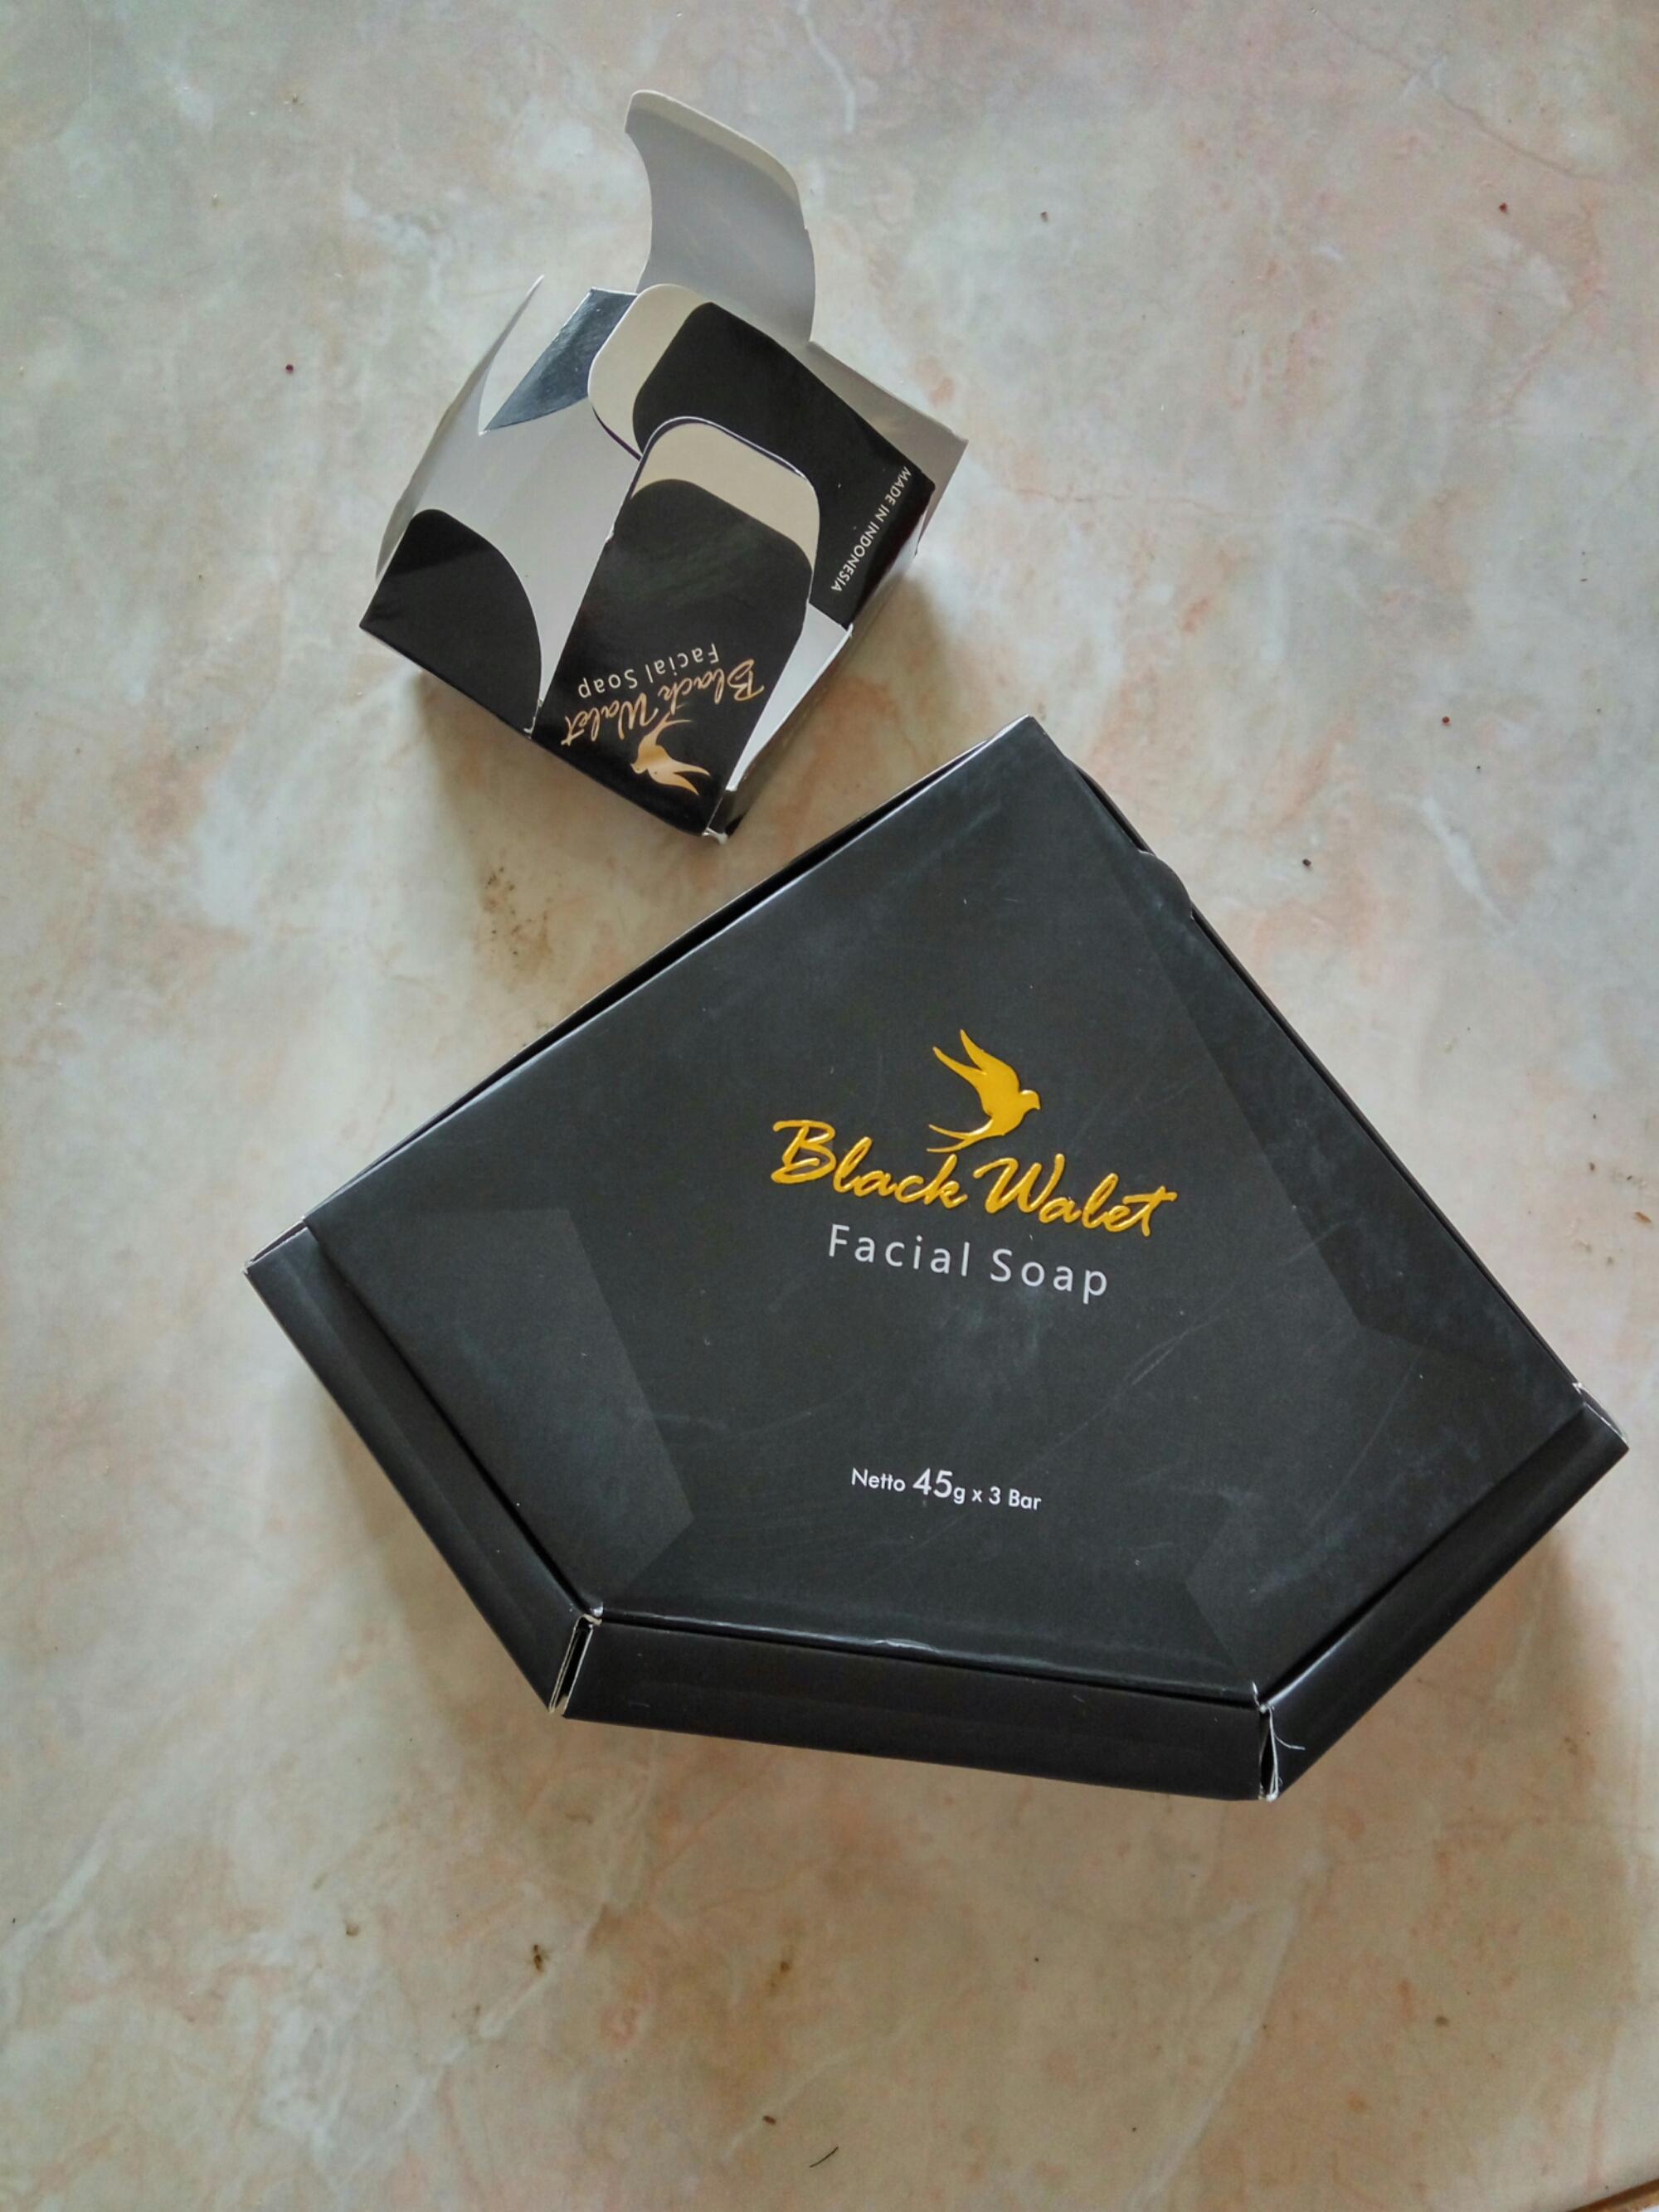 Jual Sabun BLack Walet Asli Di Sulawesi Selatan Hub 0856